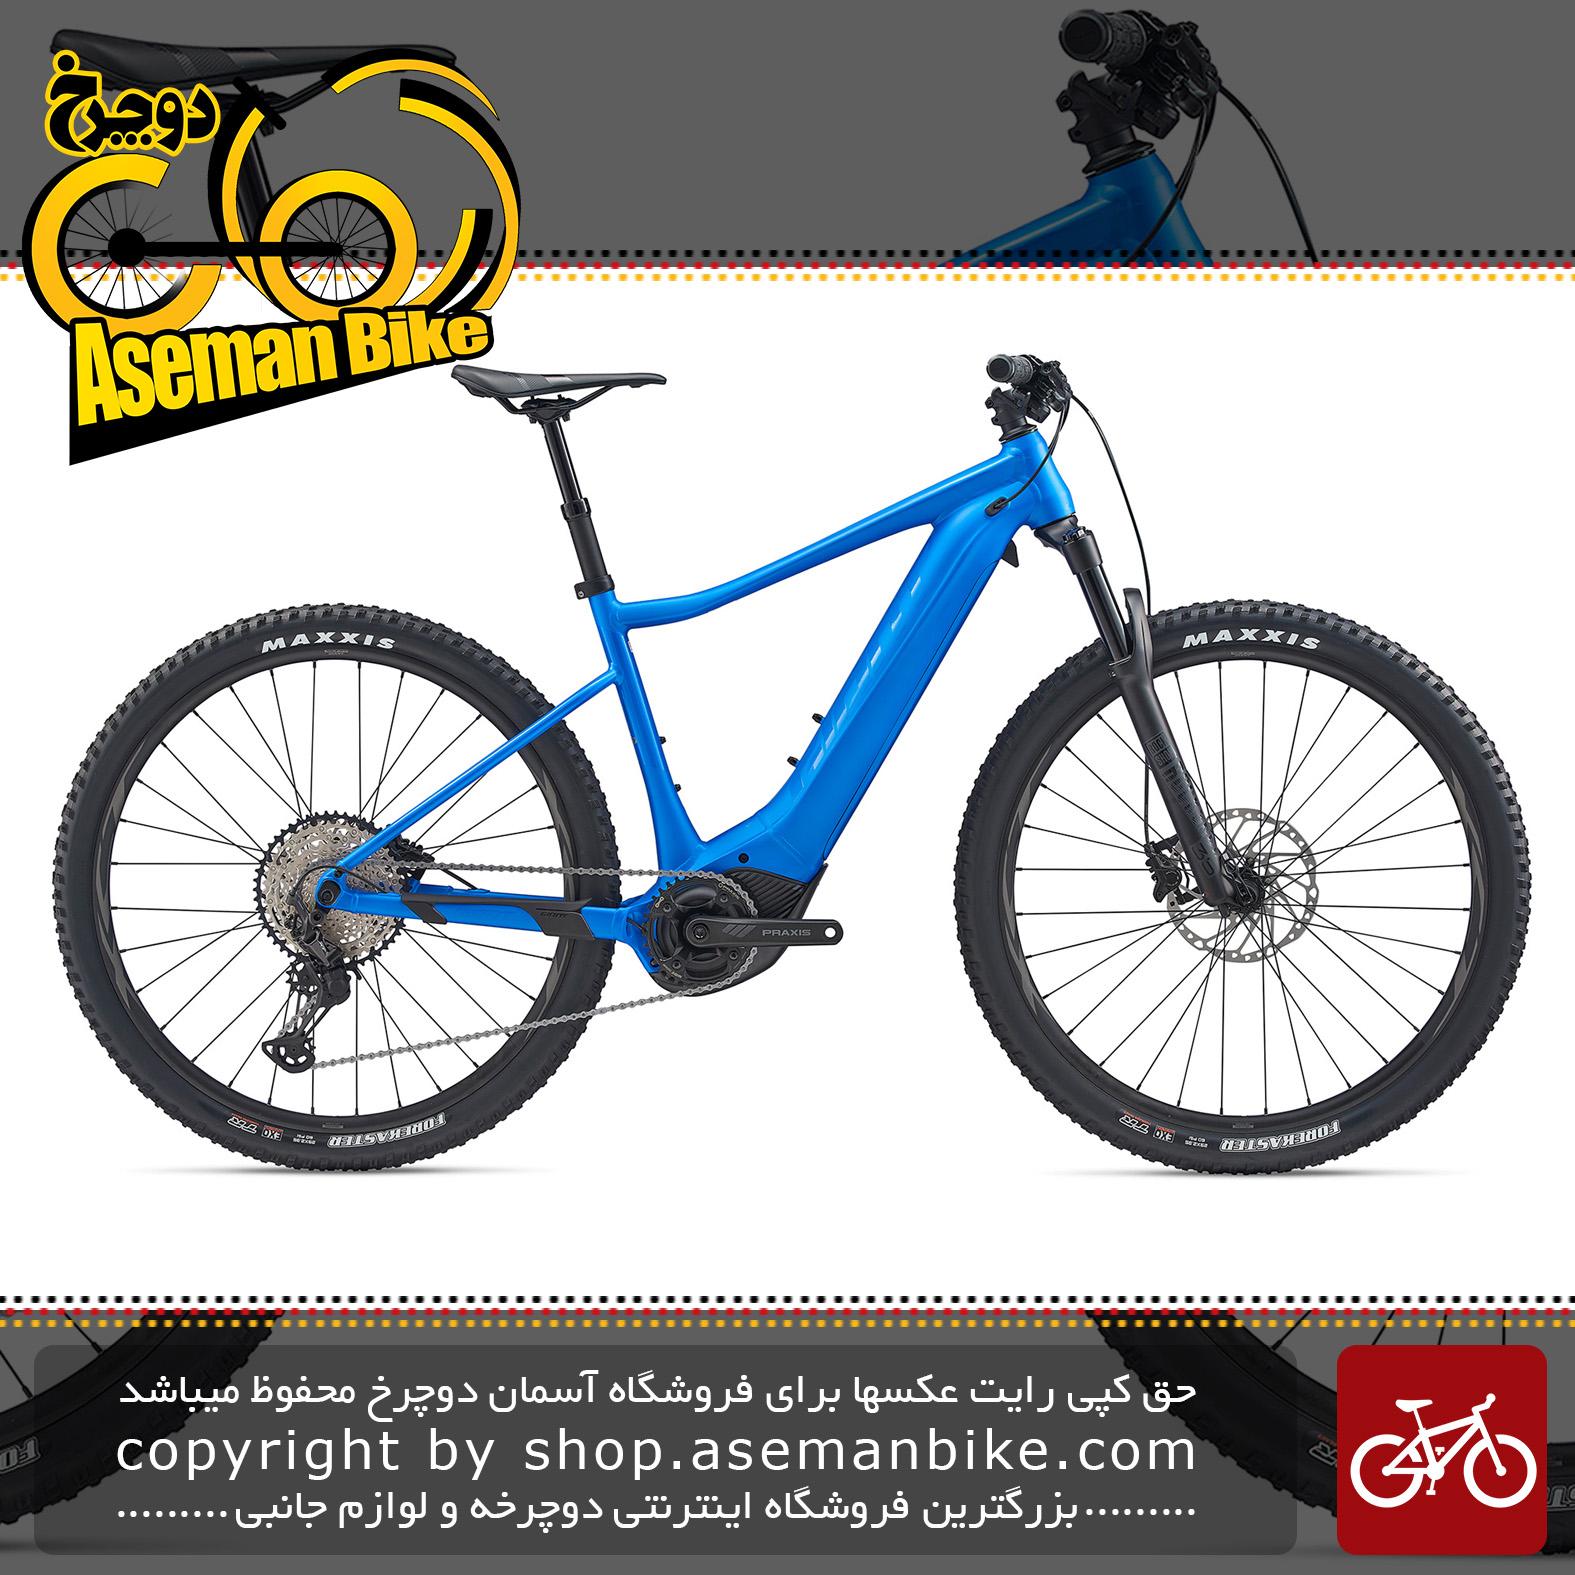 دوچرخه کوهستان جاینت مدل فدم ای پلاس 0 پرو 29 2020 Giant Mountain Bicycle Fathom E+ 0 Pro 29 2020